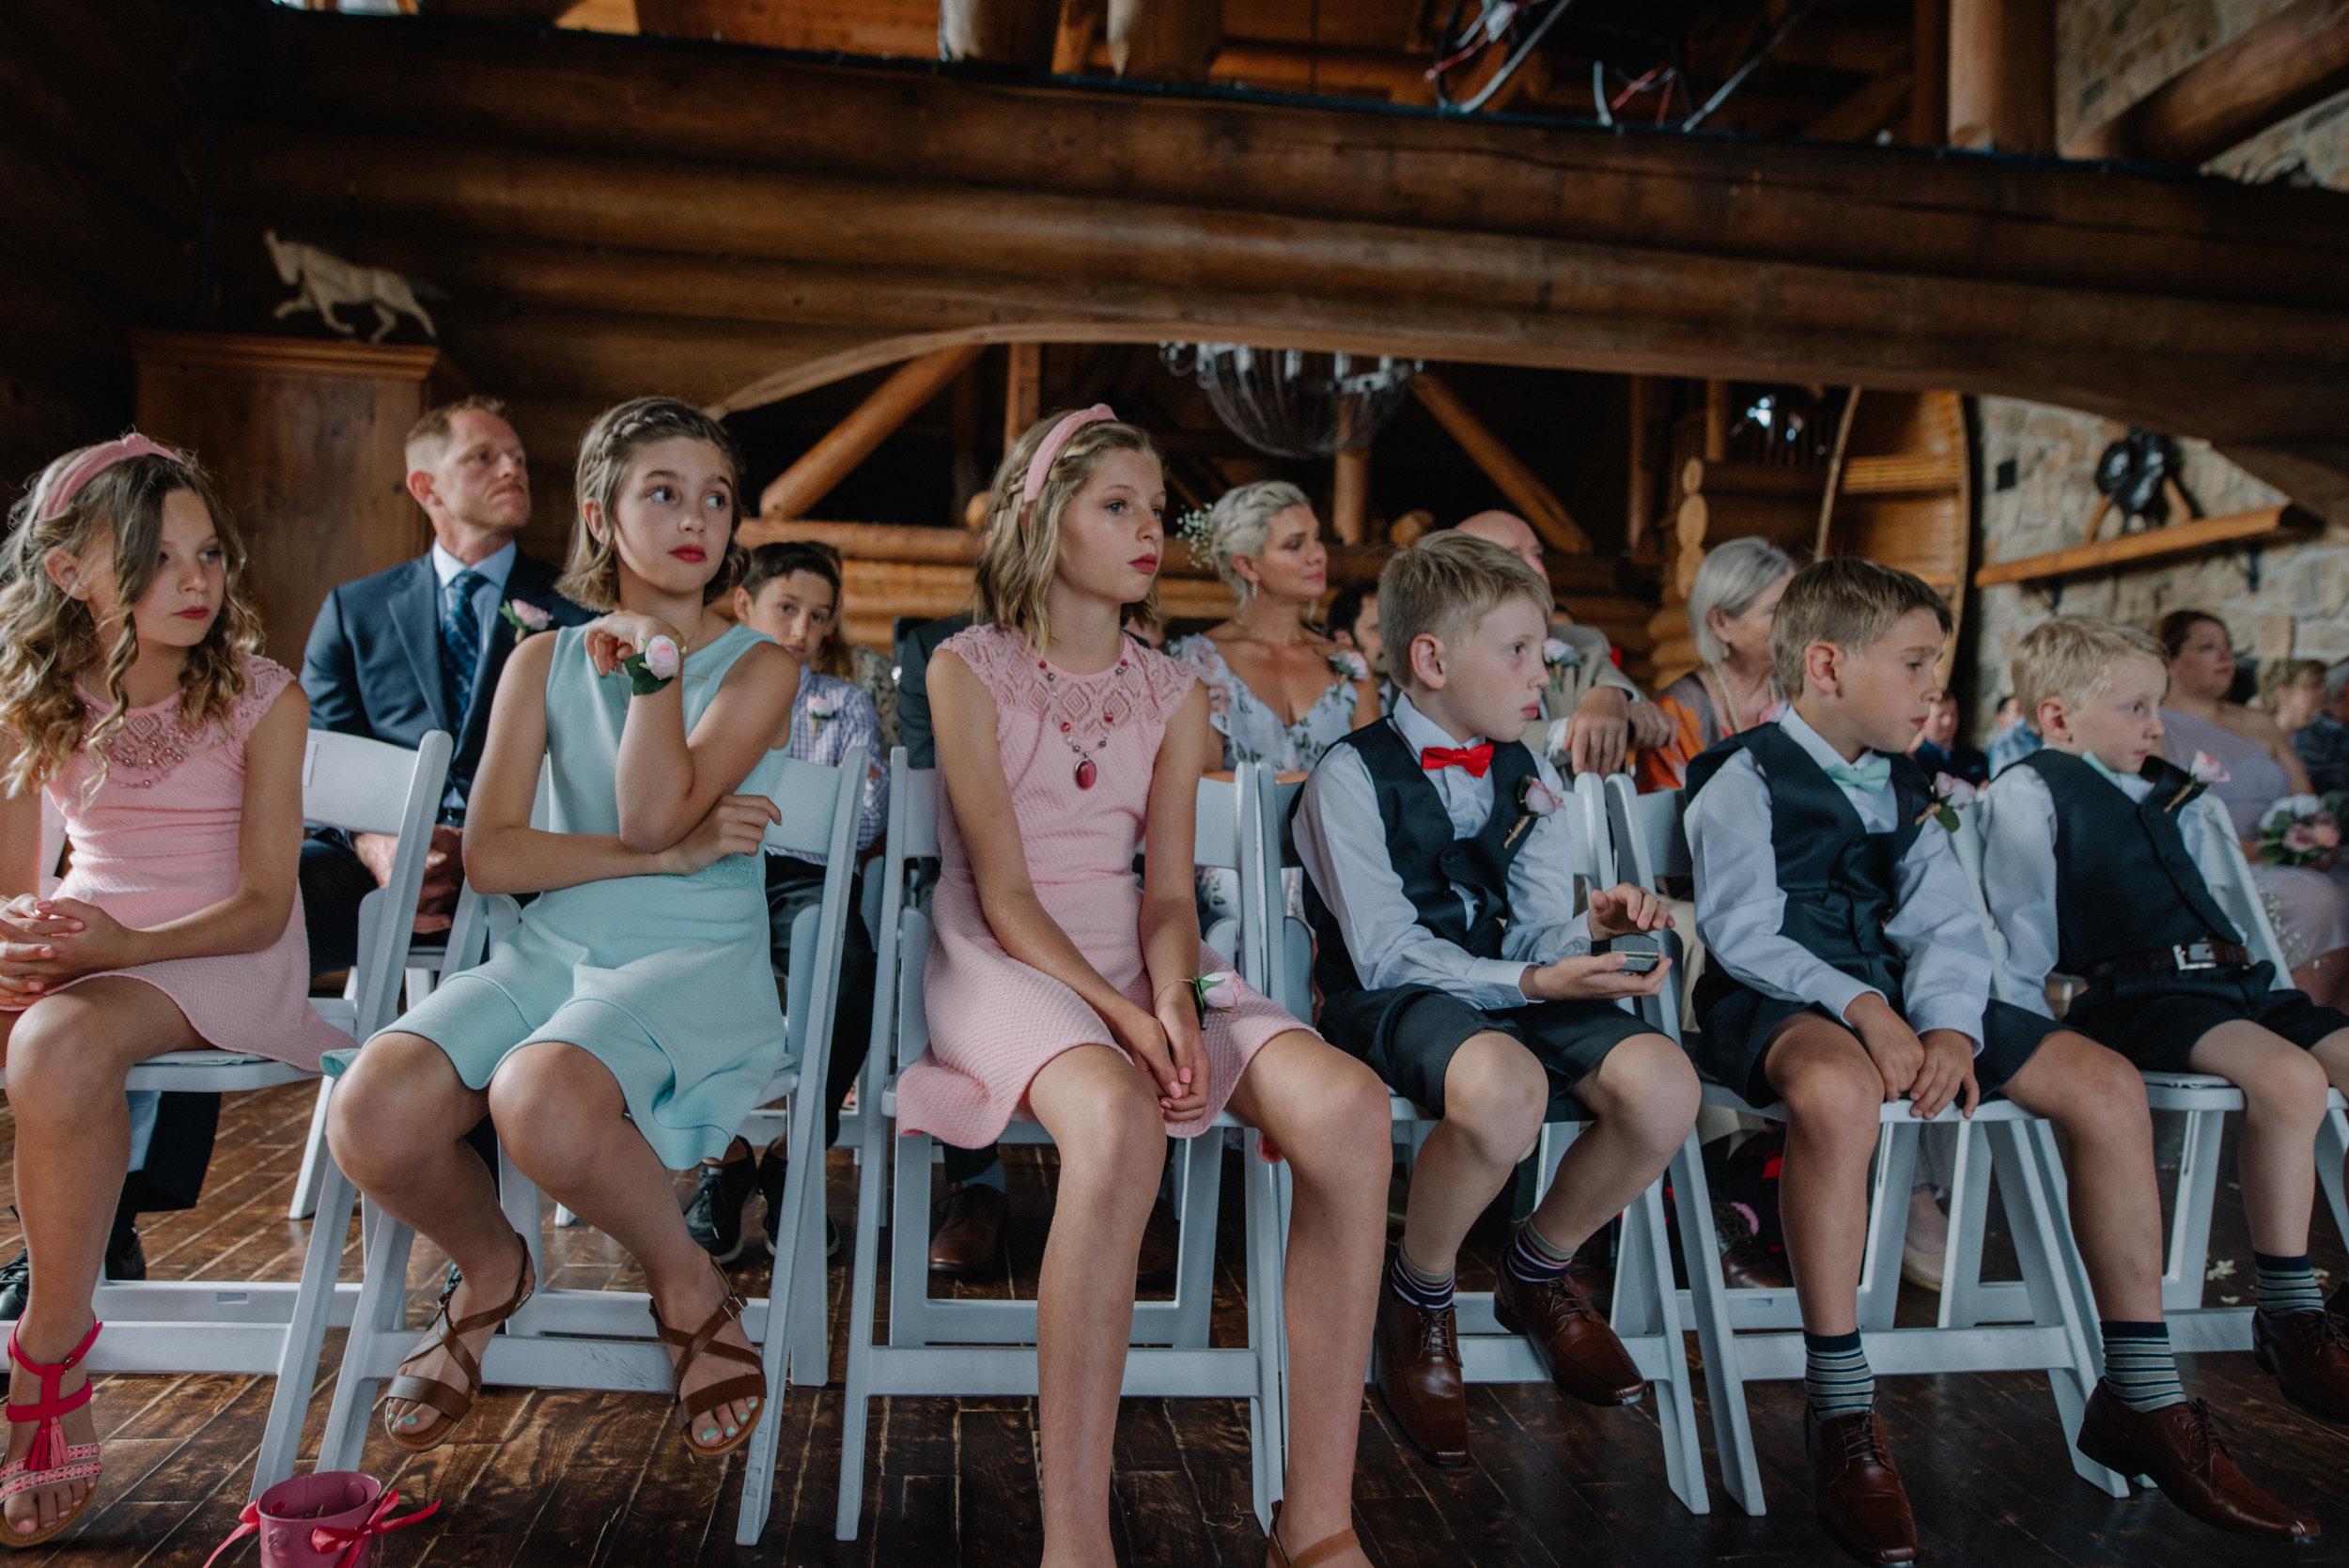 gatineau_photographe_mariage_ottawa_wedding_photography_documentary_candid_unposed_lifestyle_photography_photographie_613_family_famille (43).jpg